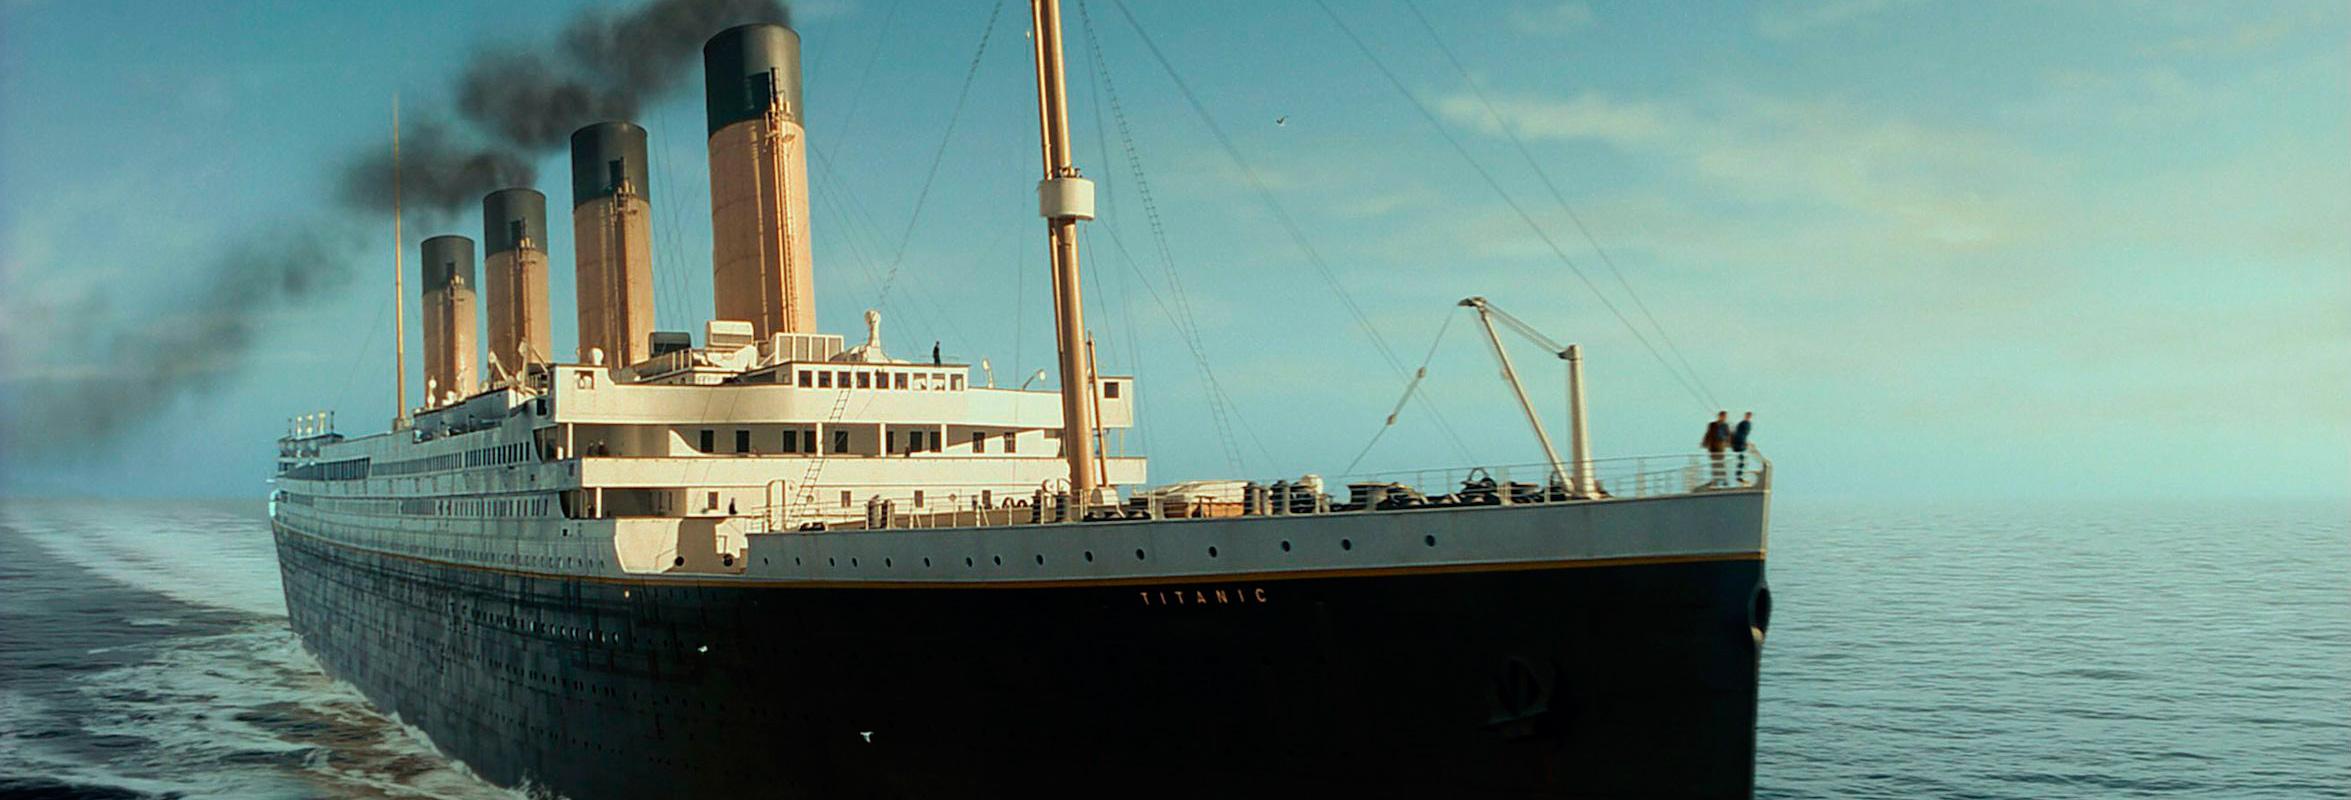 Atração turística: China inicia construção de réplica do Titanic em tamanho real